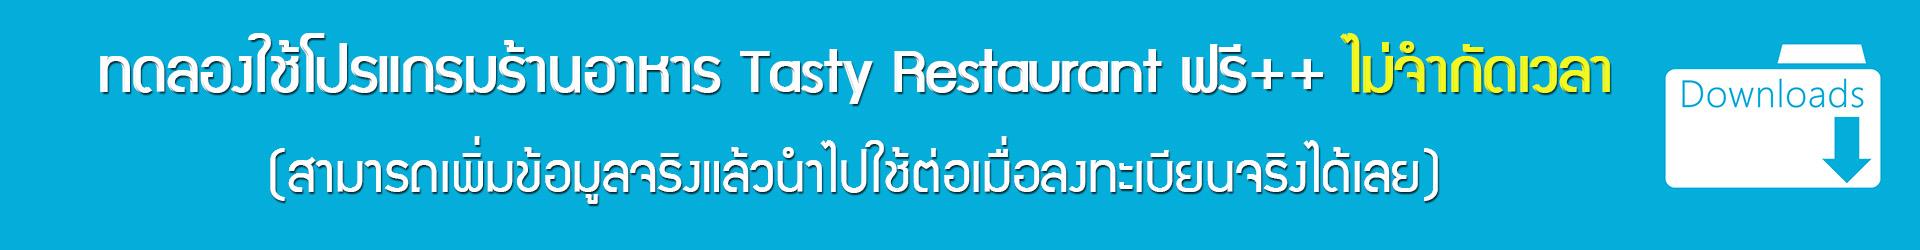 ดาวโหลดระบบร้านอาหาร tasty restaurant